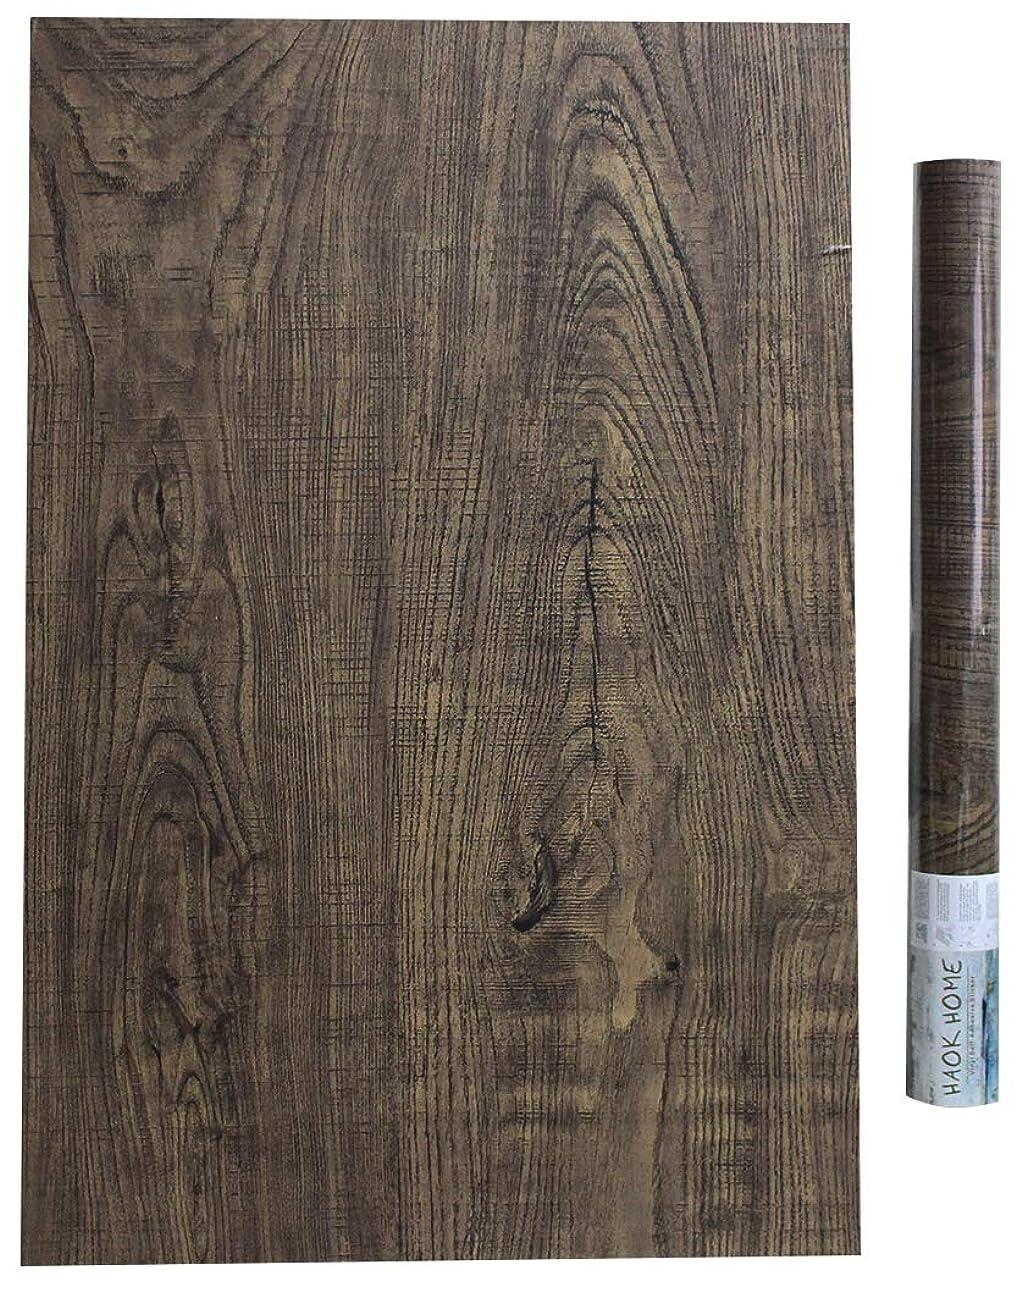 ソファー前文はっきりとHaokHome 610401 木目 壁紙 シール 45cm x 6mウォールステッカー 防水 褐色